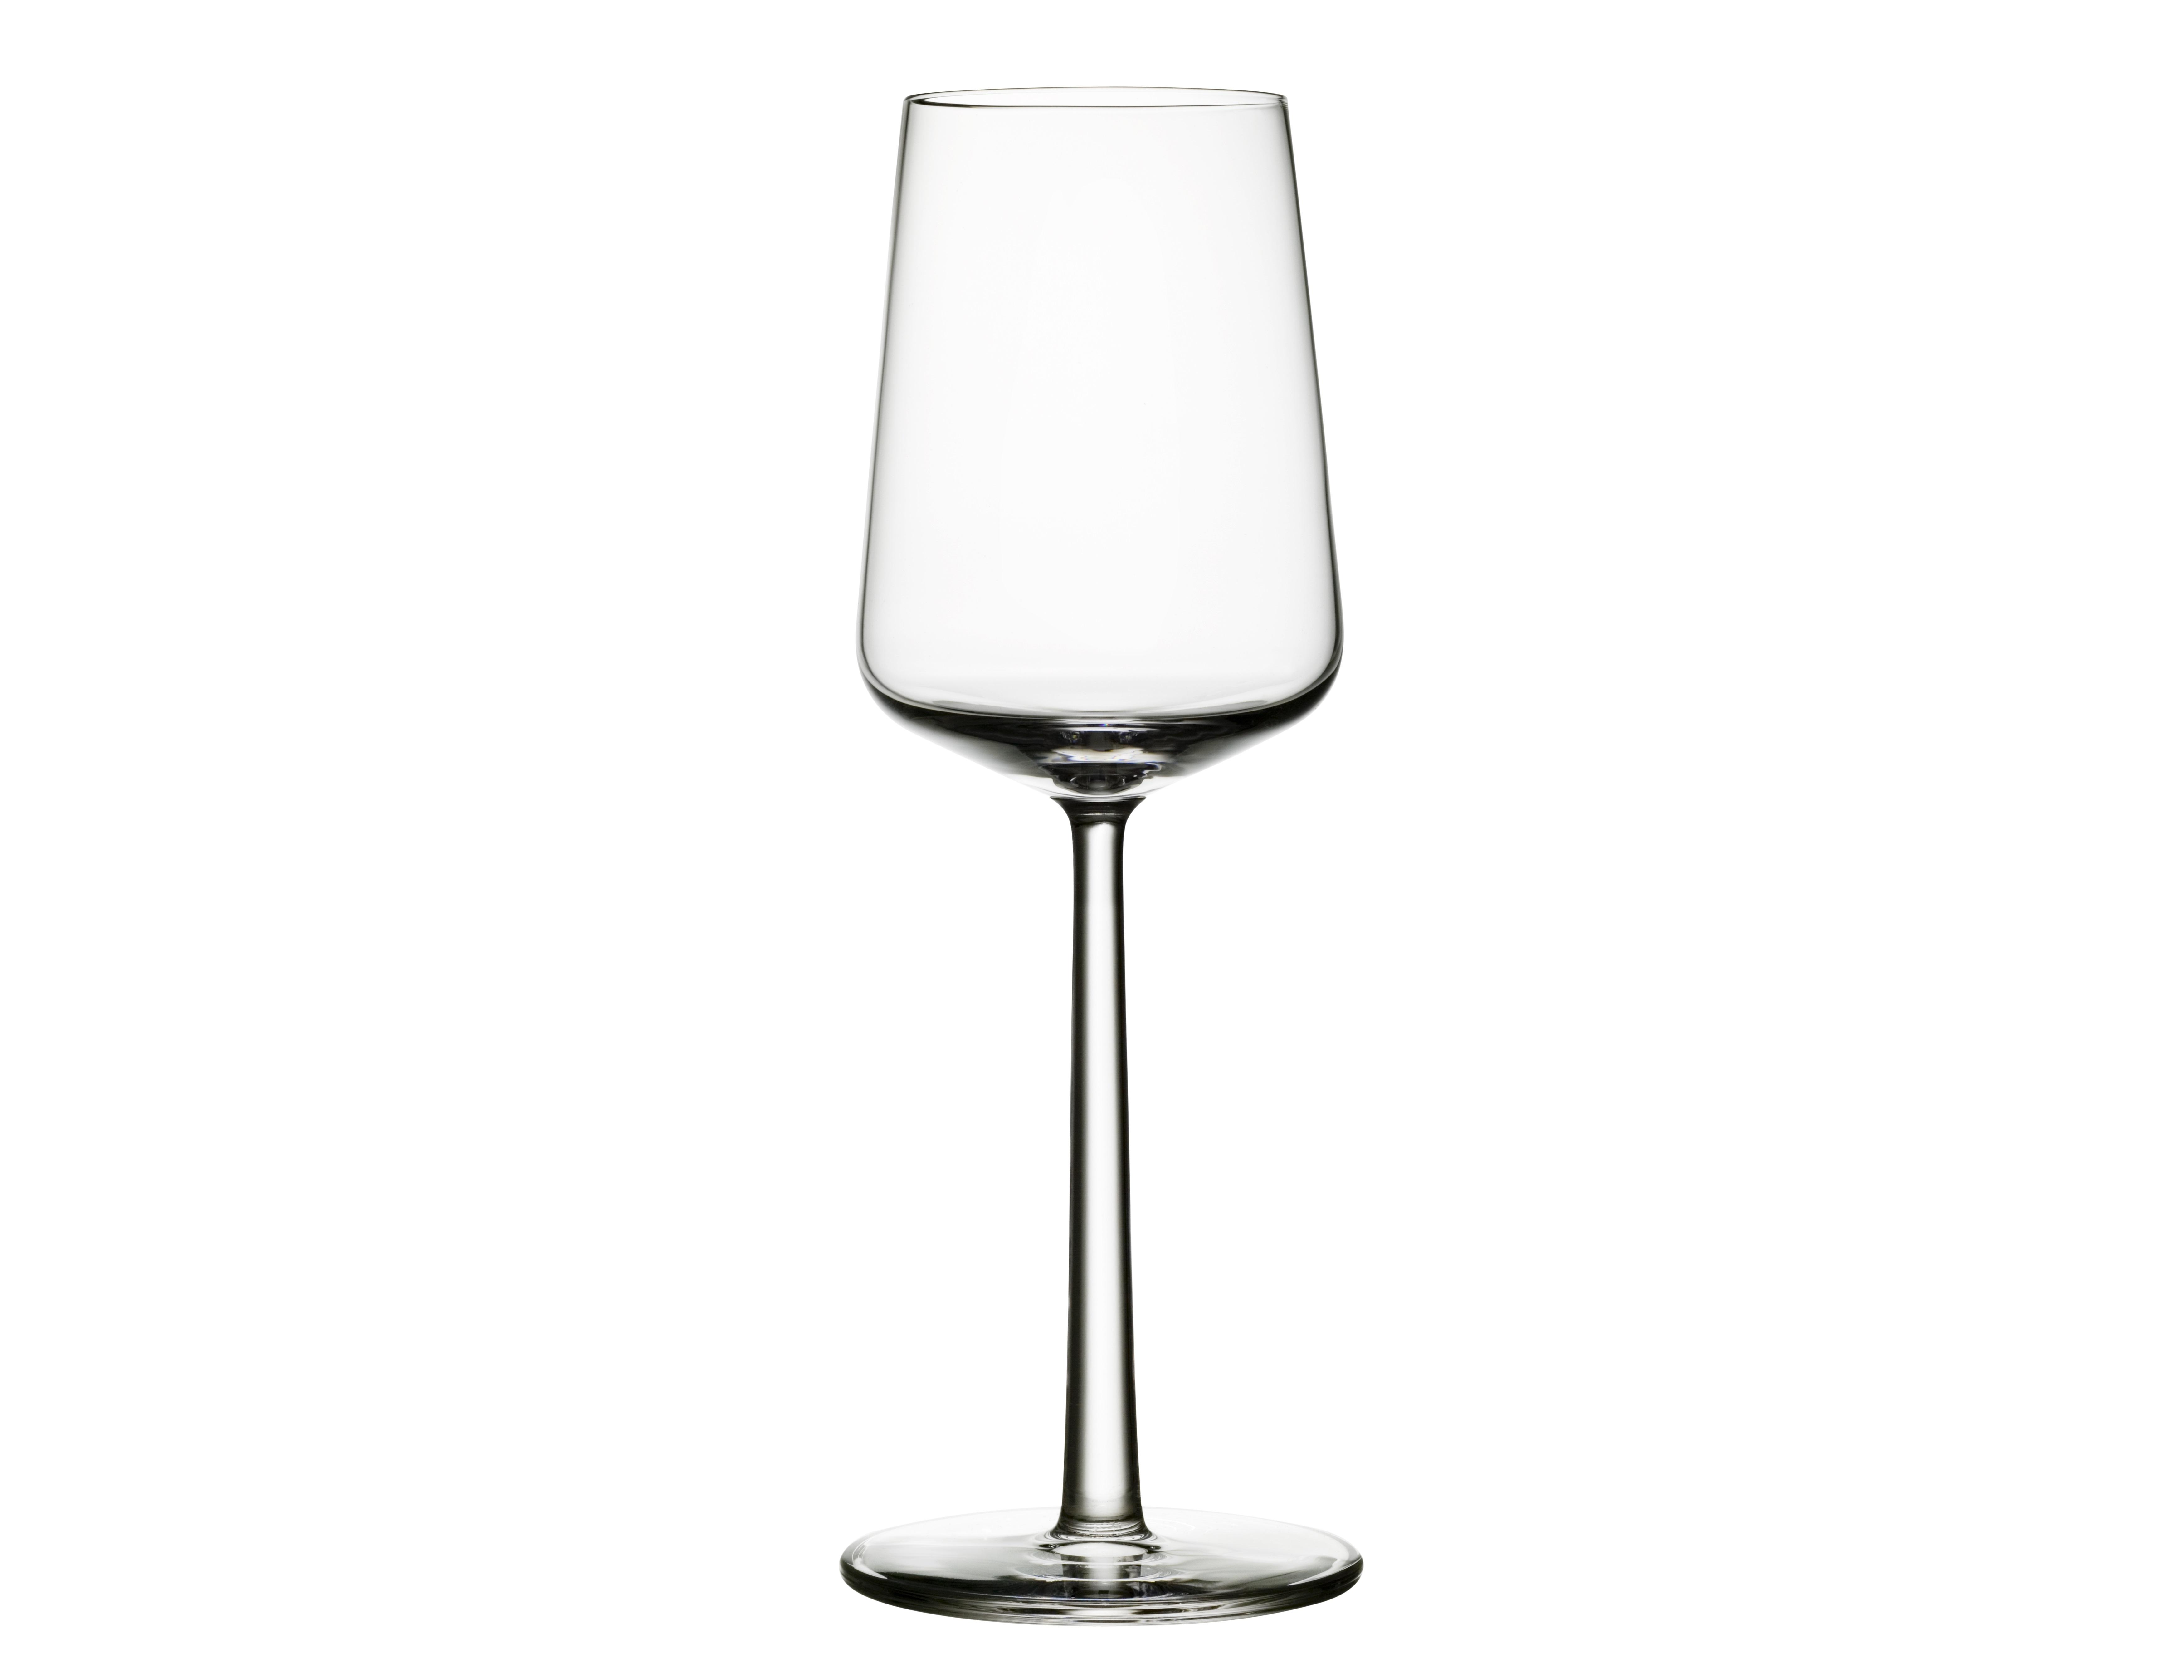 Бокал для белого вина Essence (2 шт)Бокалы<br>Серия Essence - это серия бокалов для всех видов алкоголя. Вместе они создают прекрасный вид на обеденном столе. Из бокалов данной серии невероятно приятно пить!<br><br>Material: Стекло<br>Length см: None<br>Width см: 19<br>Depth см: 8<br>Height см: 23<br>Diameter см: None